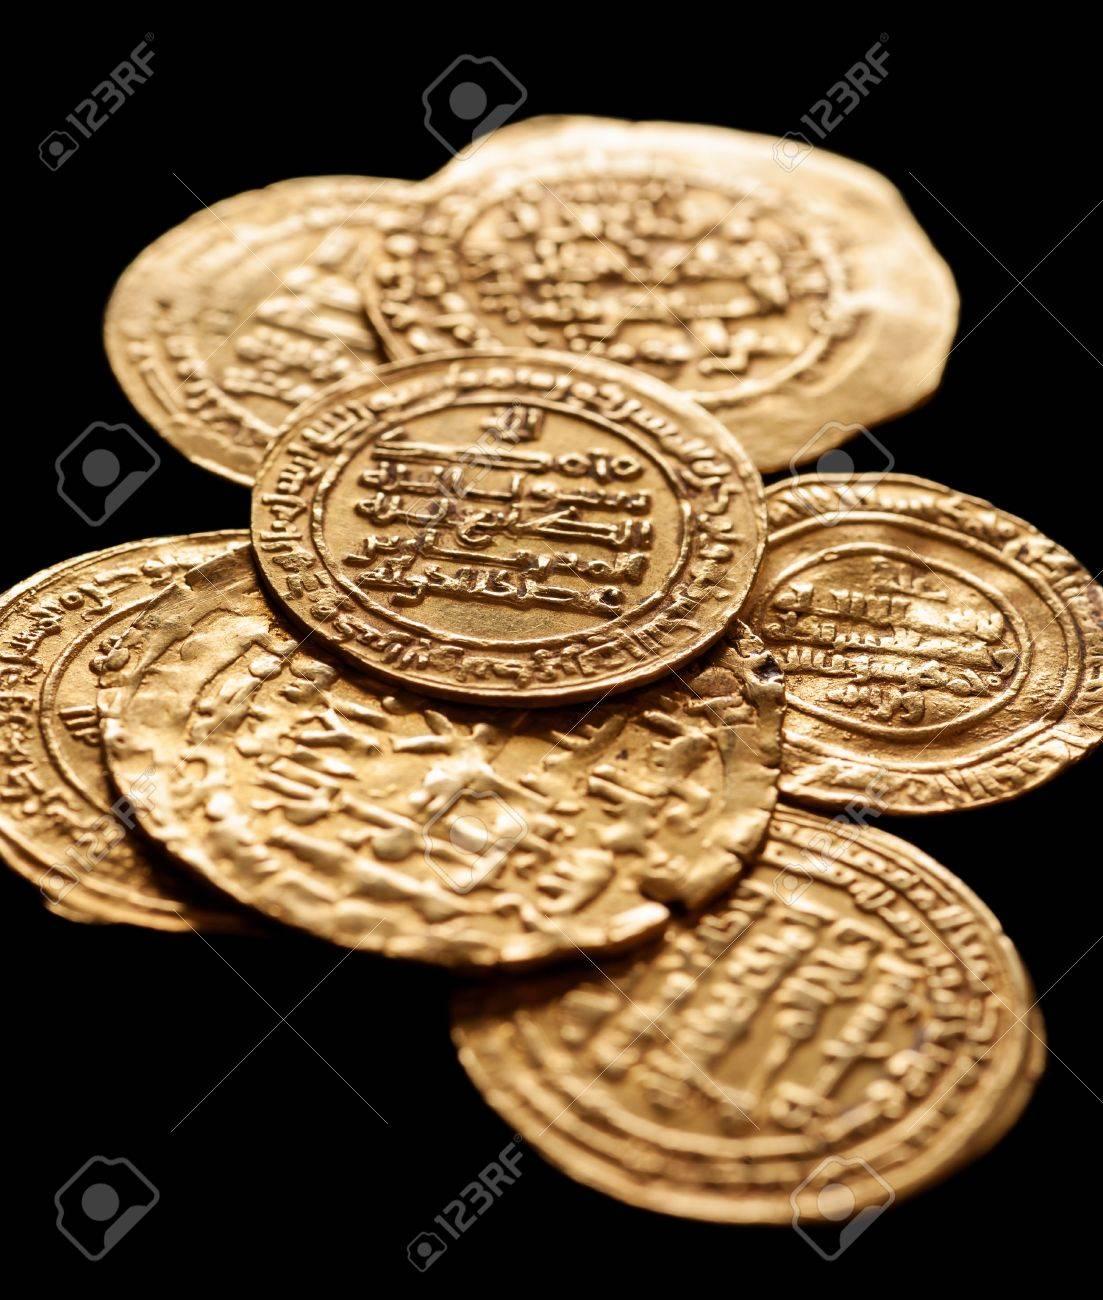 Alte Goldene Islamische Münzen Mit Arabischen Buchstaben Isoliert